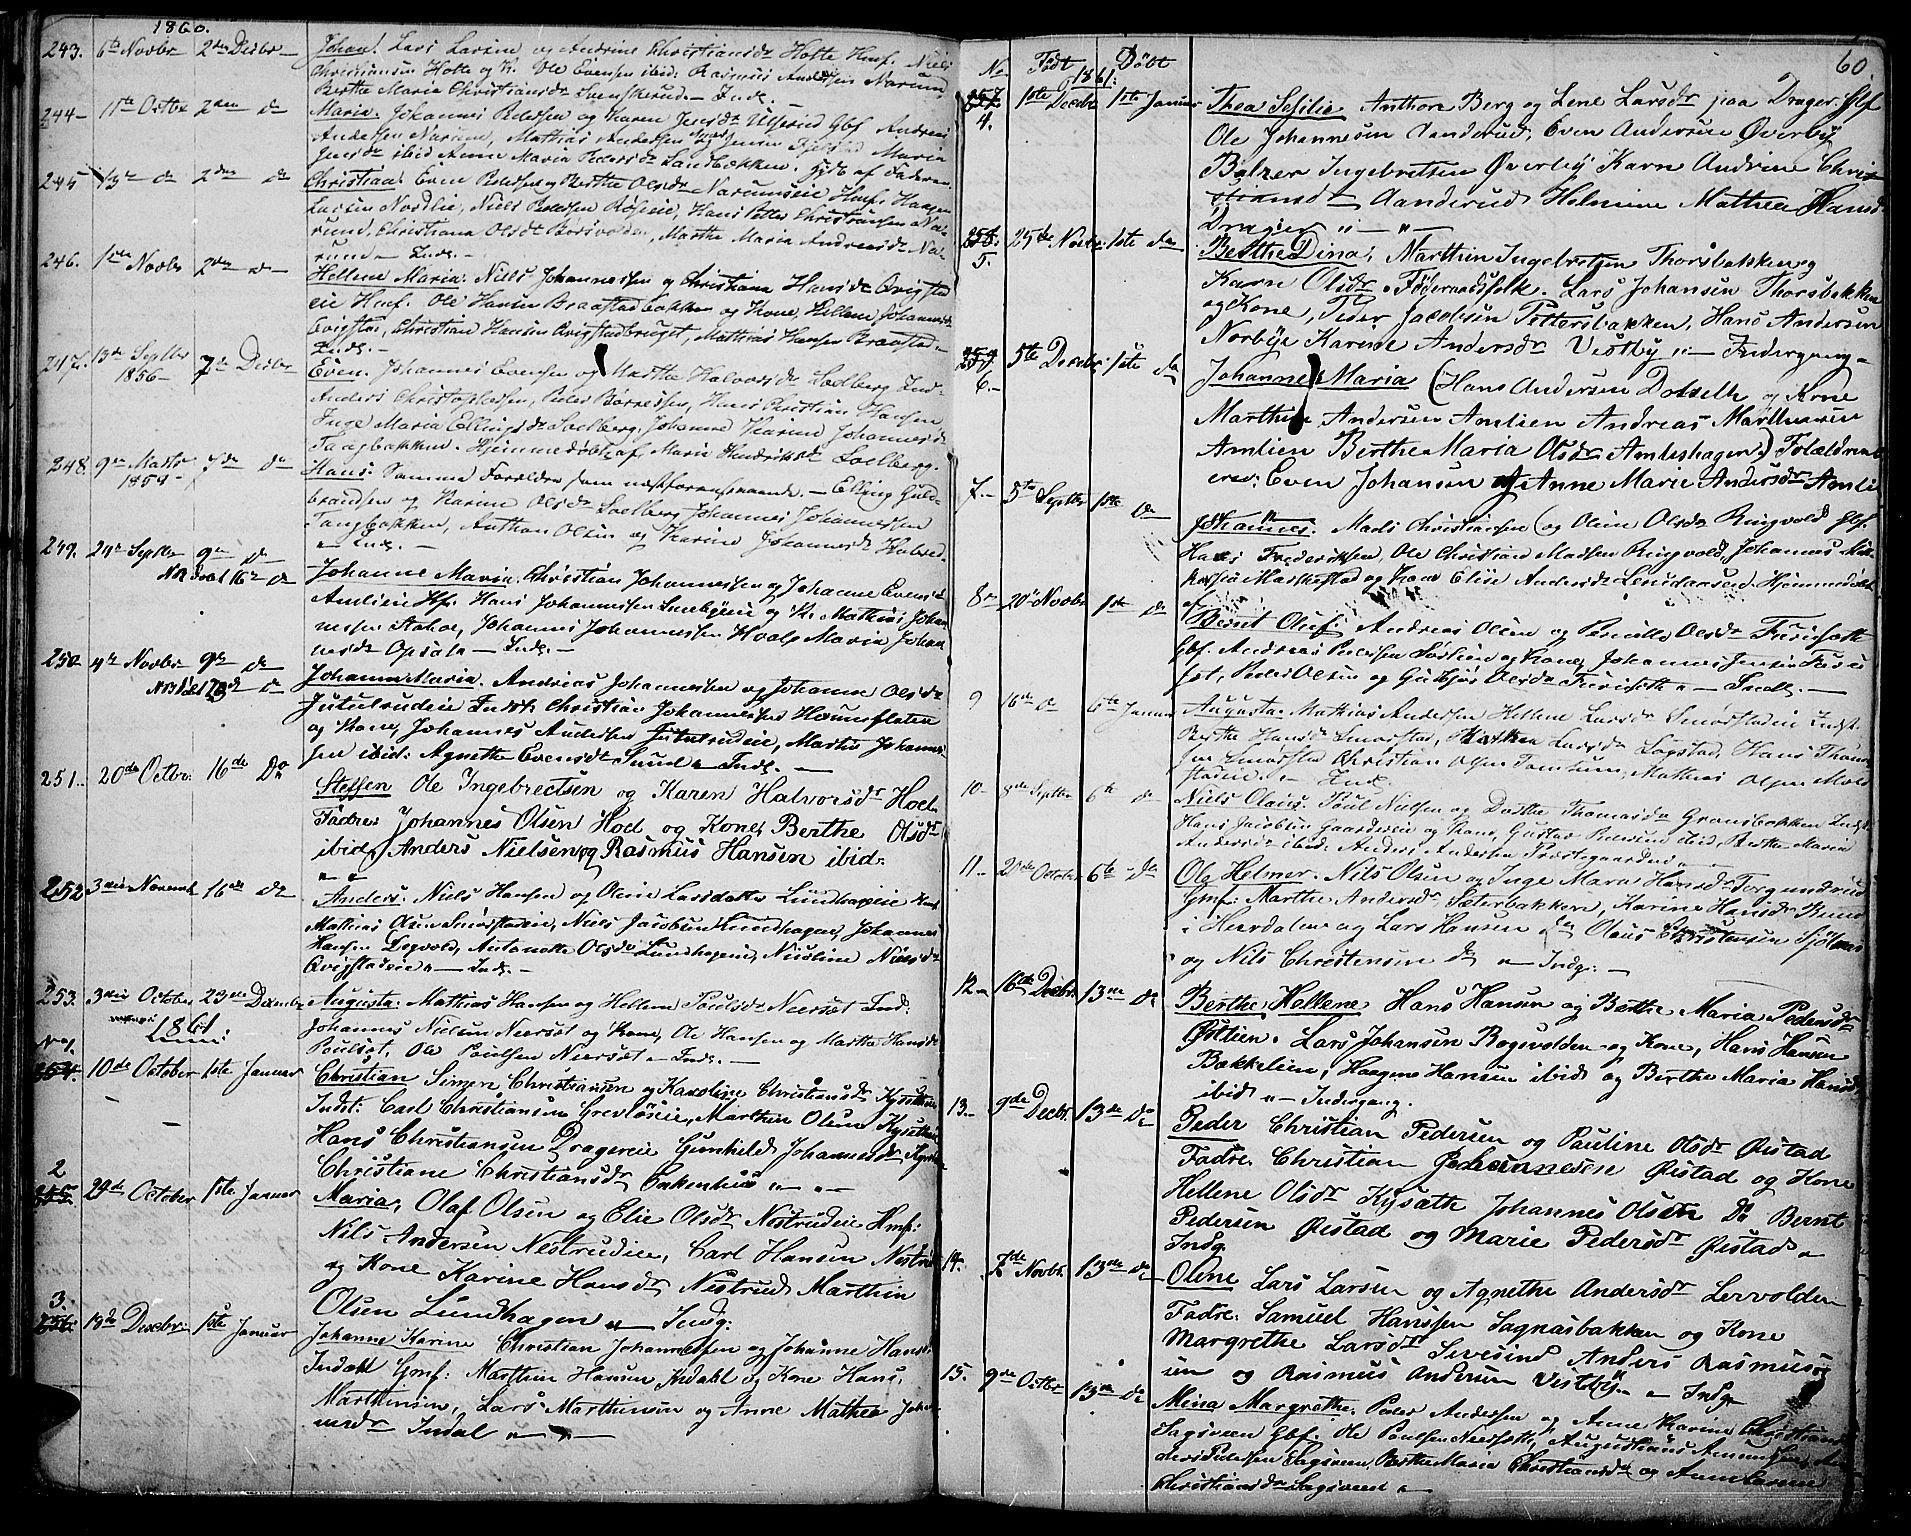 SAH, Vestre Toten prestekontor, H/Ha/Hab/L0005: Klokkerbok nr. 5, 1854-1870, s. 60